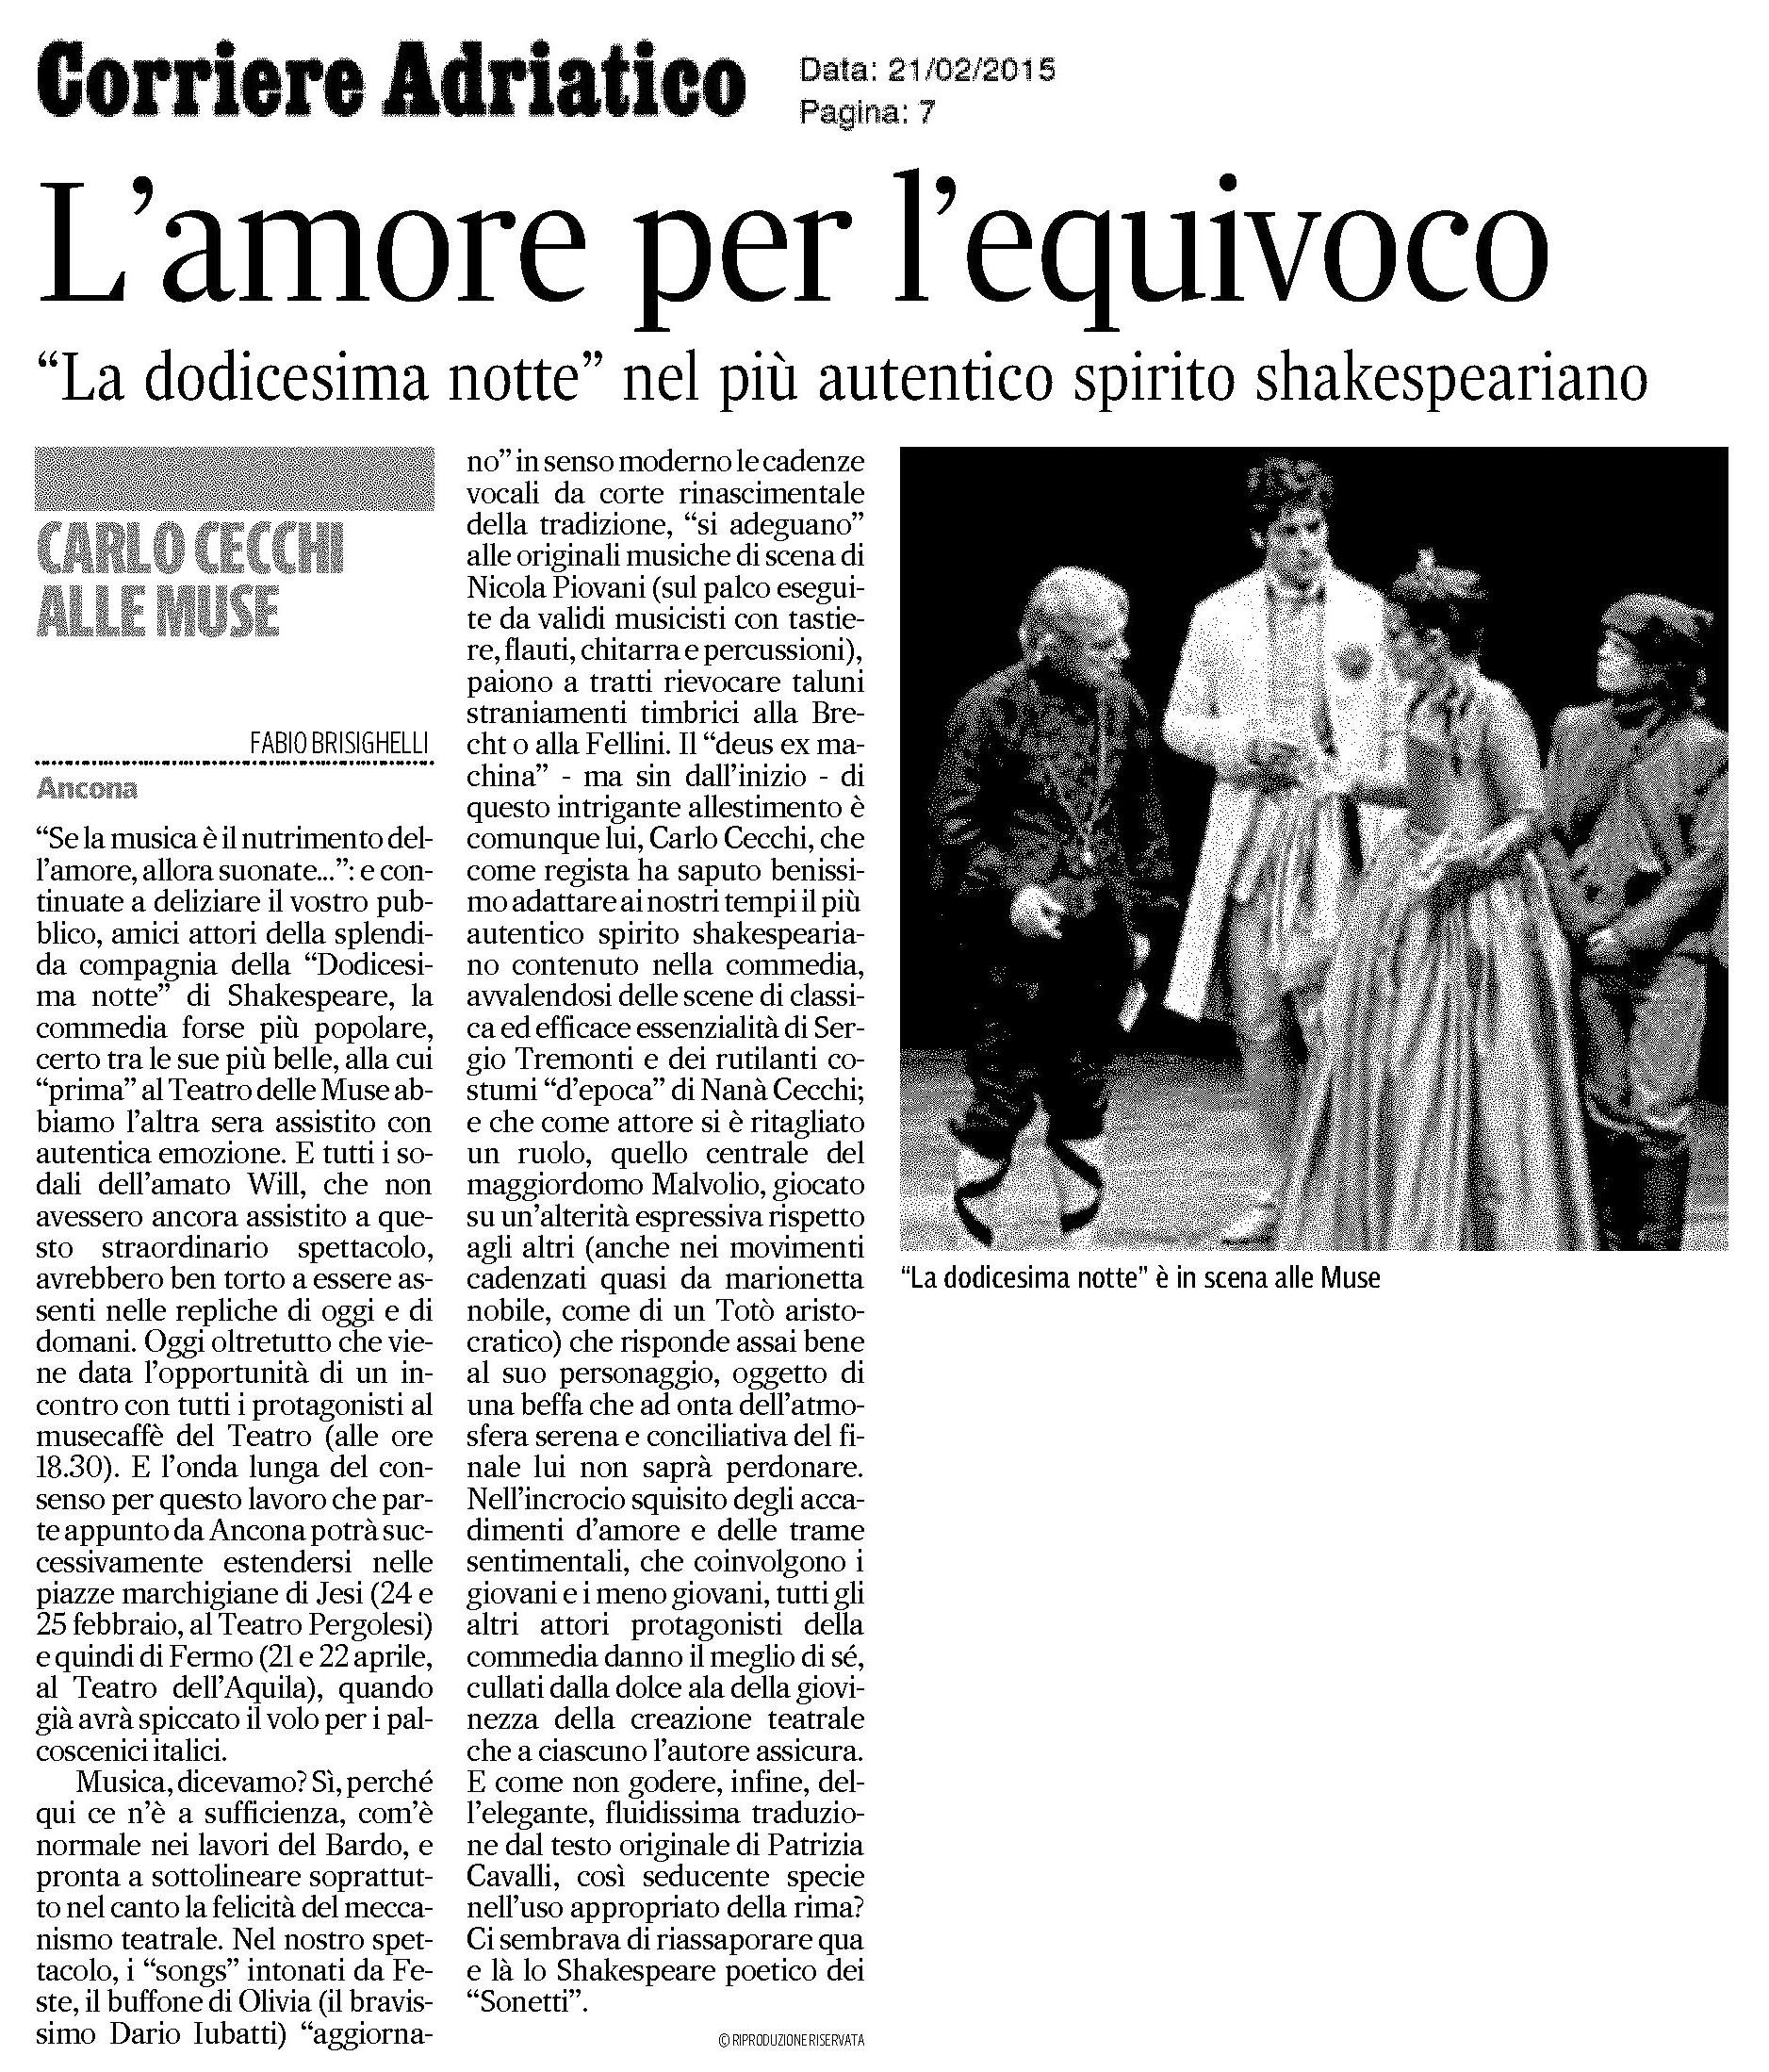 2015.02.21 L'amore per l'equivoco - Corriere Adriatico